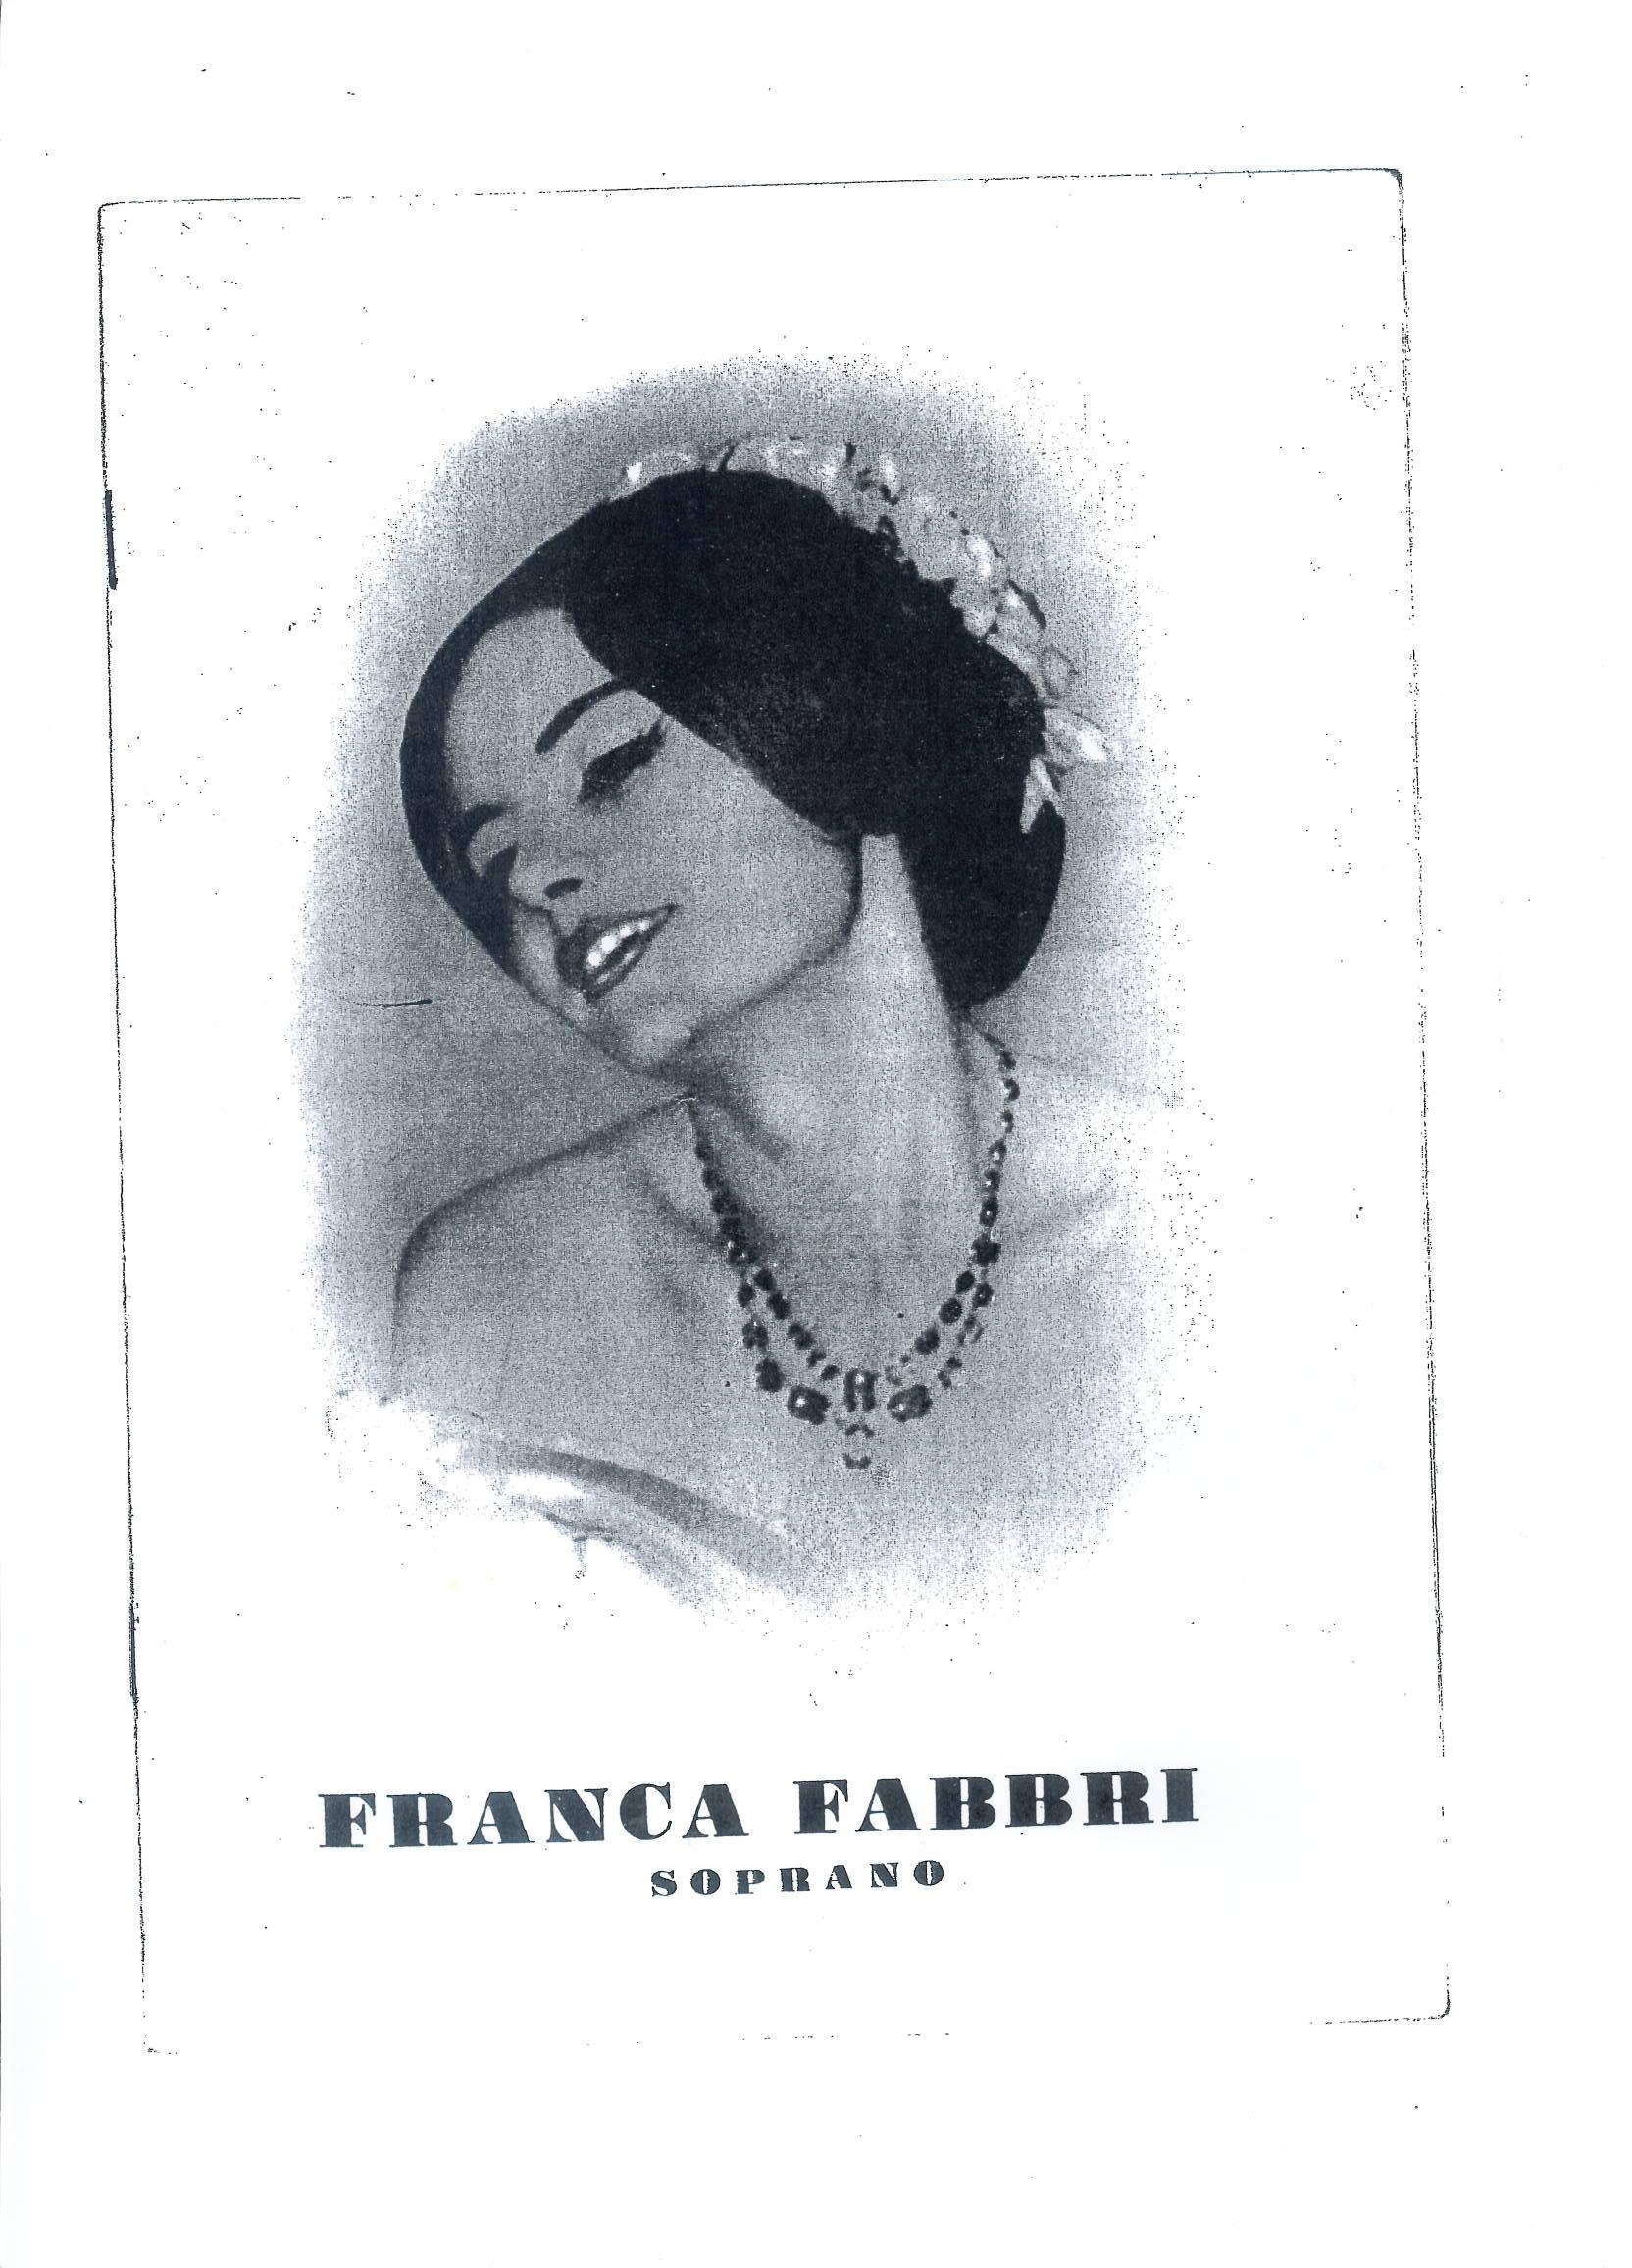 Franca Fabbri